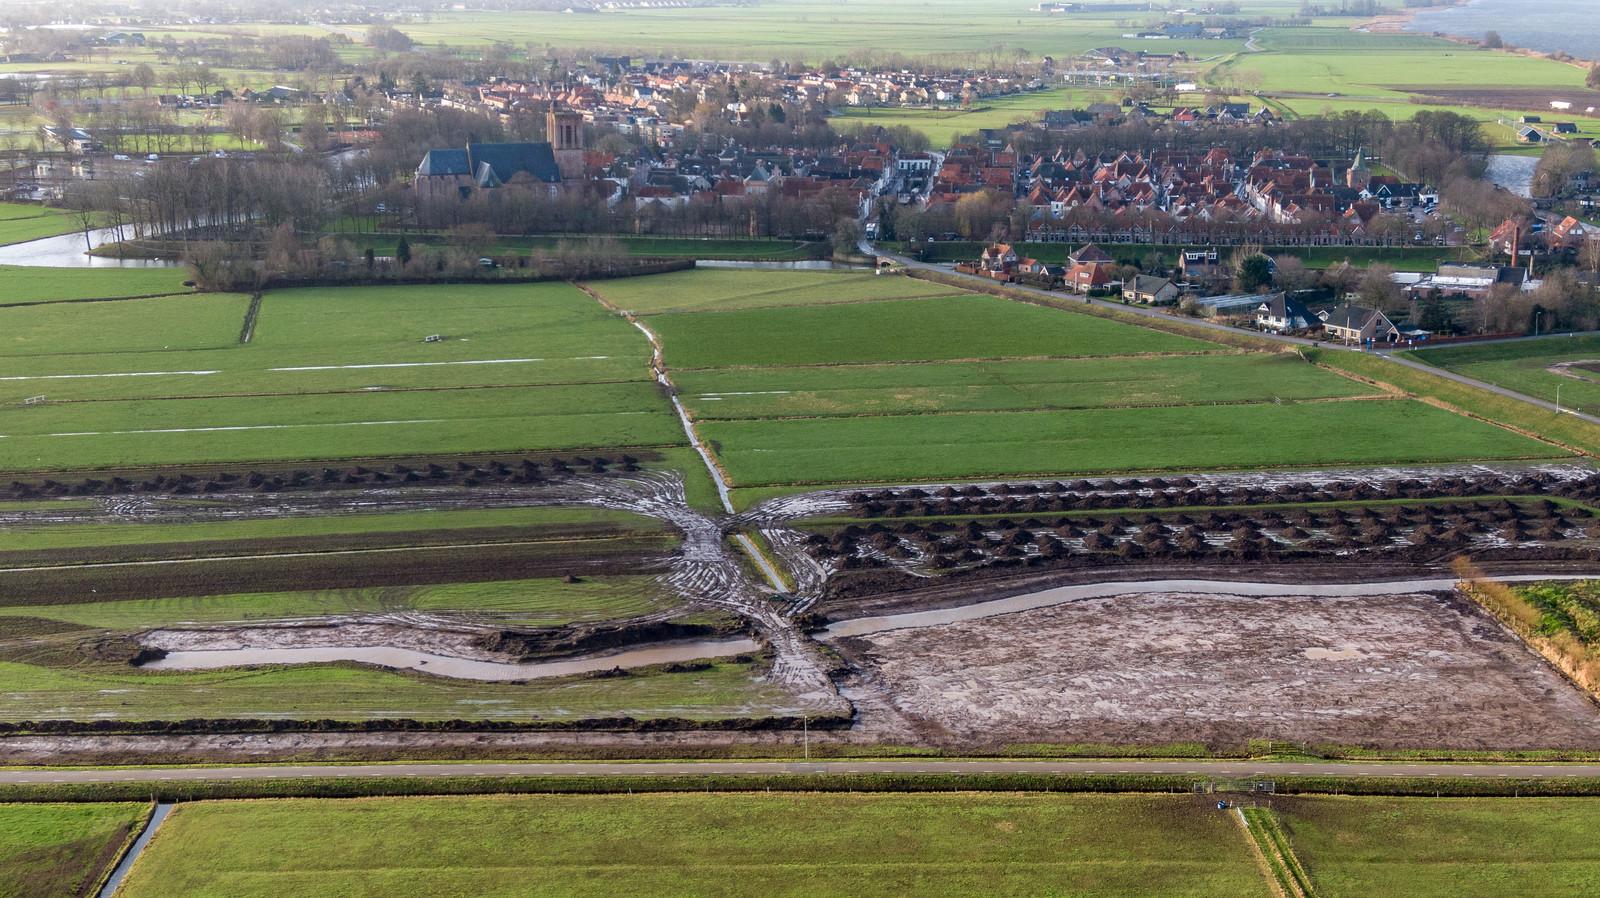 Langs de Hellenbeekstraat (onder) wordt de oude loop van de Hellenbeek uitgegraven. Op de achtergrond de monumentale vesting van Elburg.